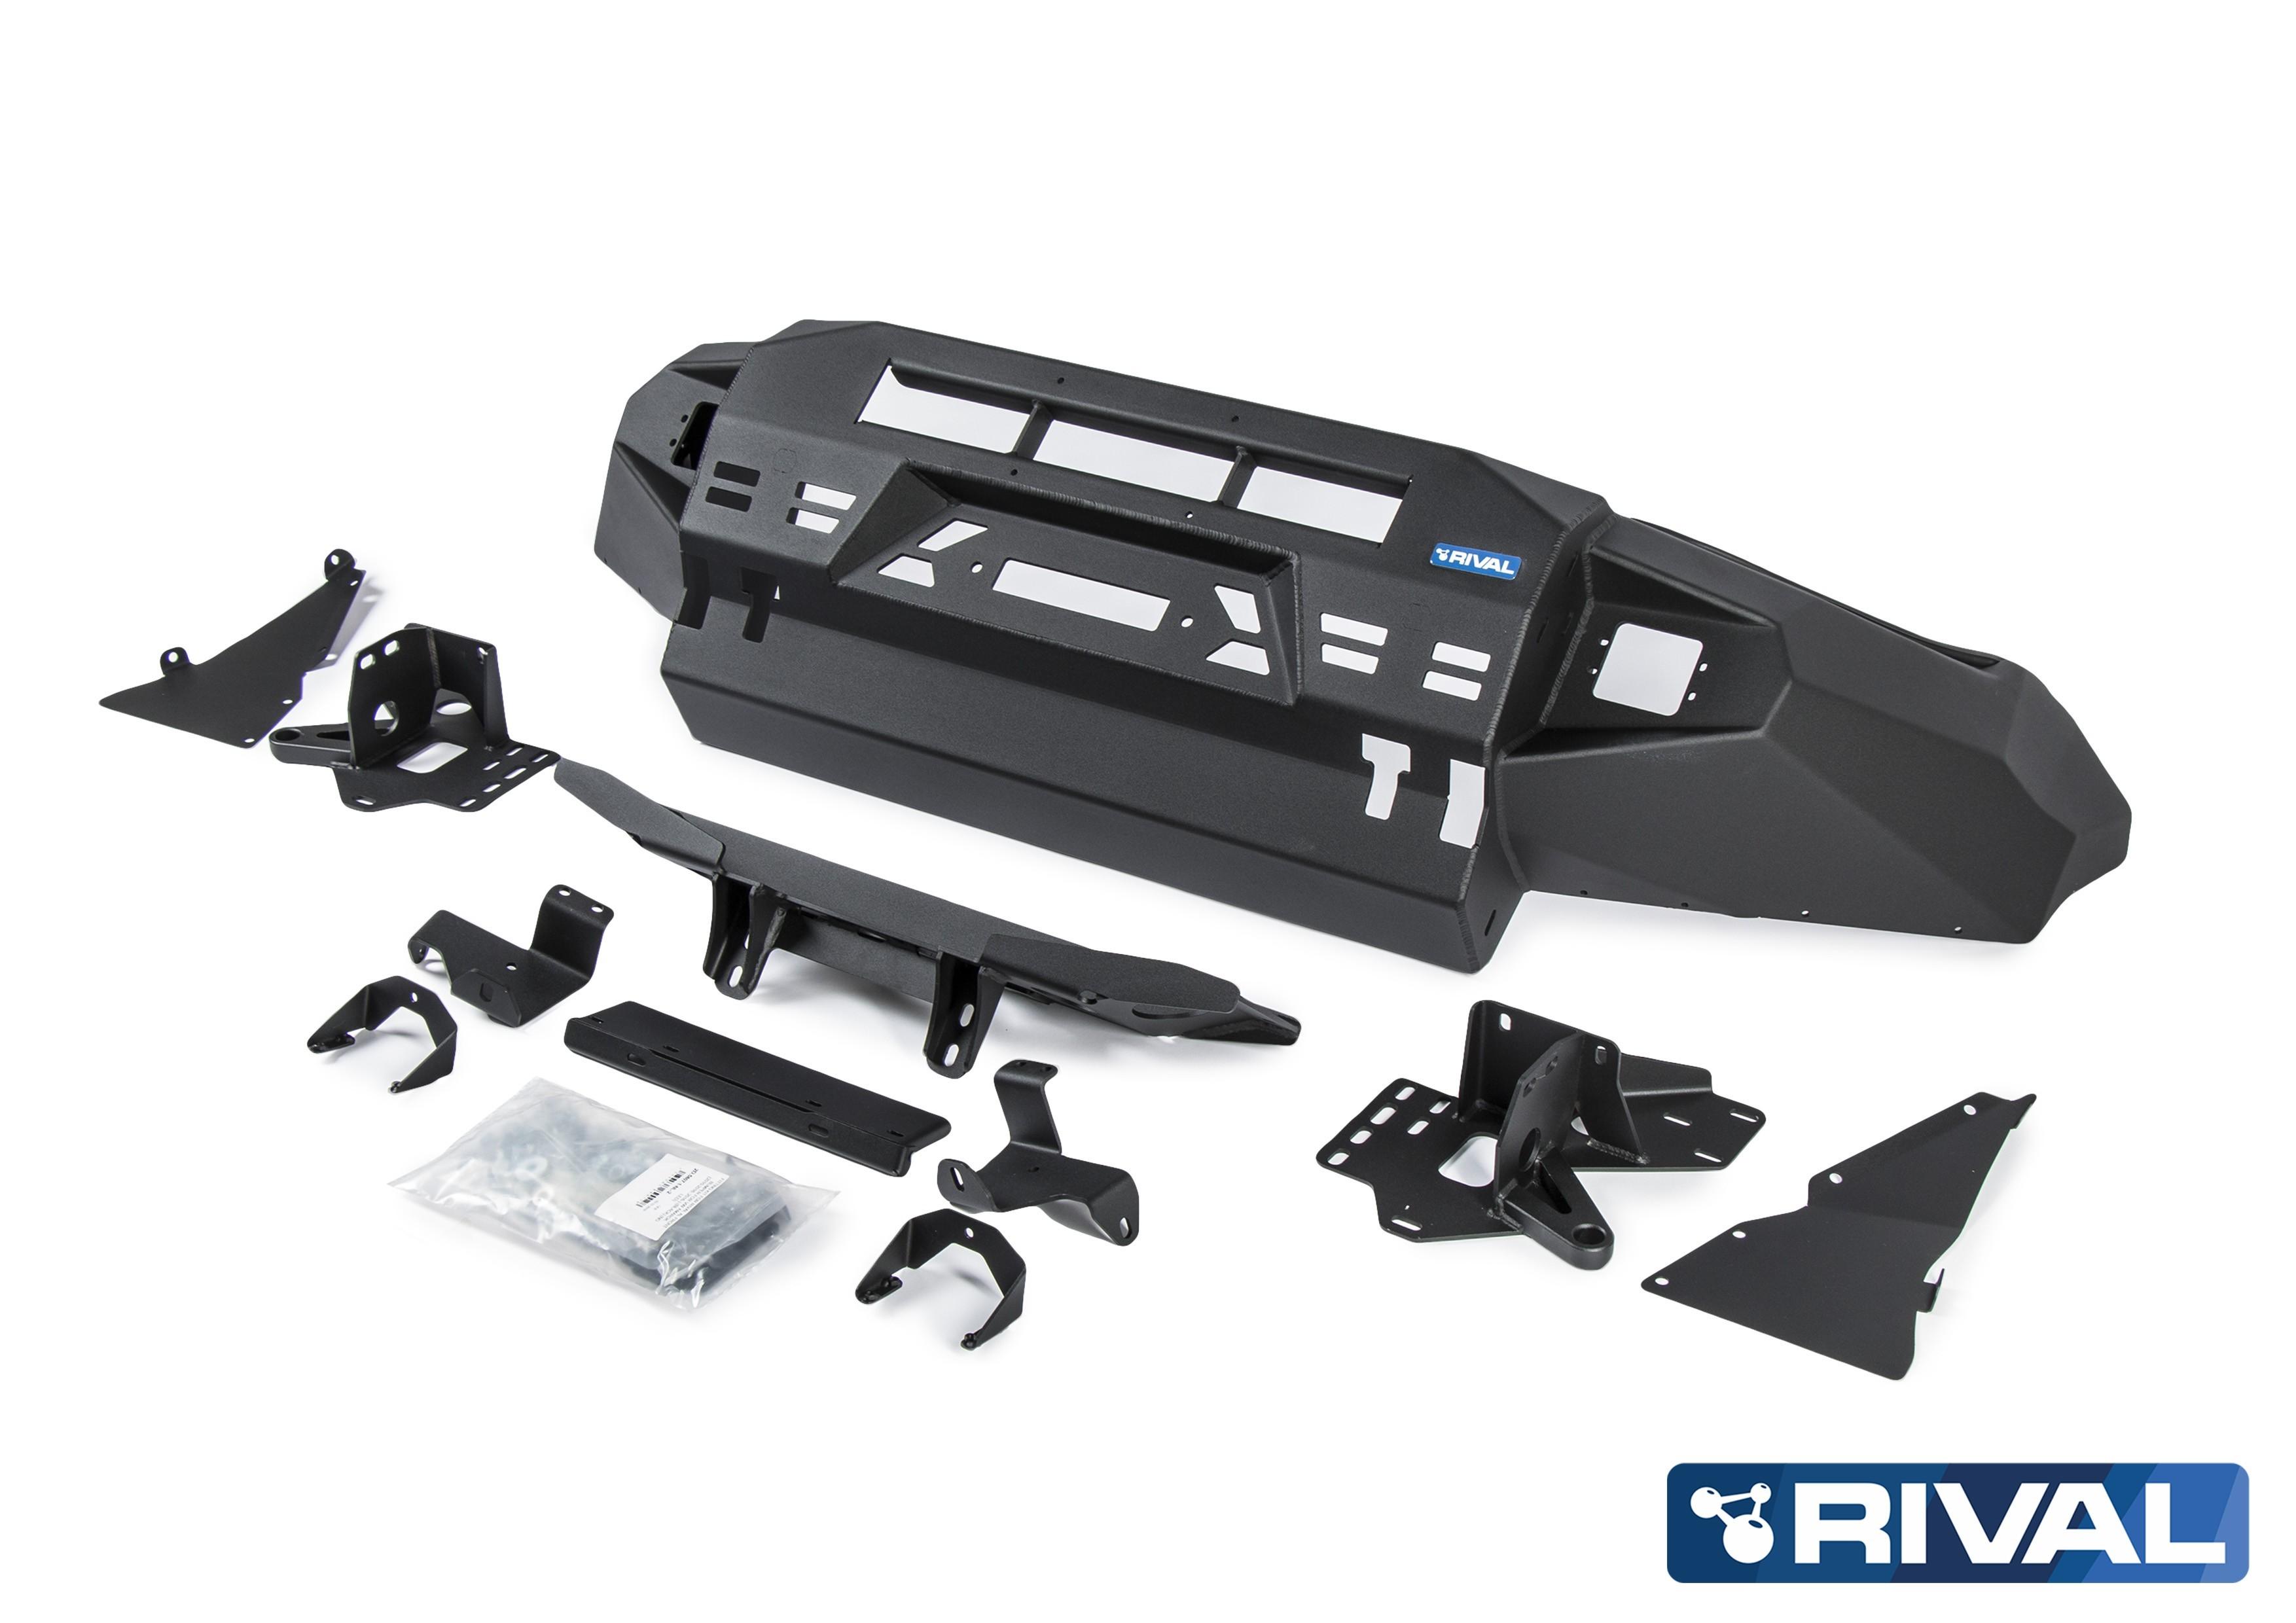 Pare-Choc Avant Aluminium RIVAL Homologué TÜV Sans feux led intégrés Volkswagen Amarok 2010-2016 et 2016+